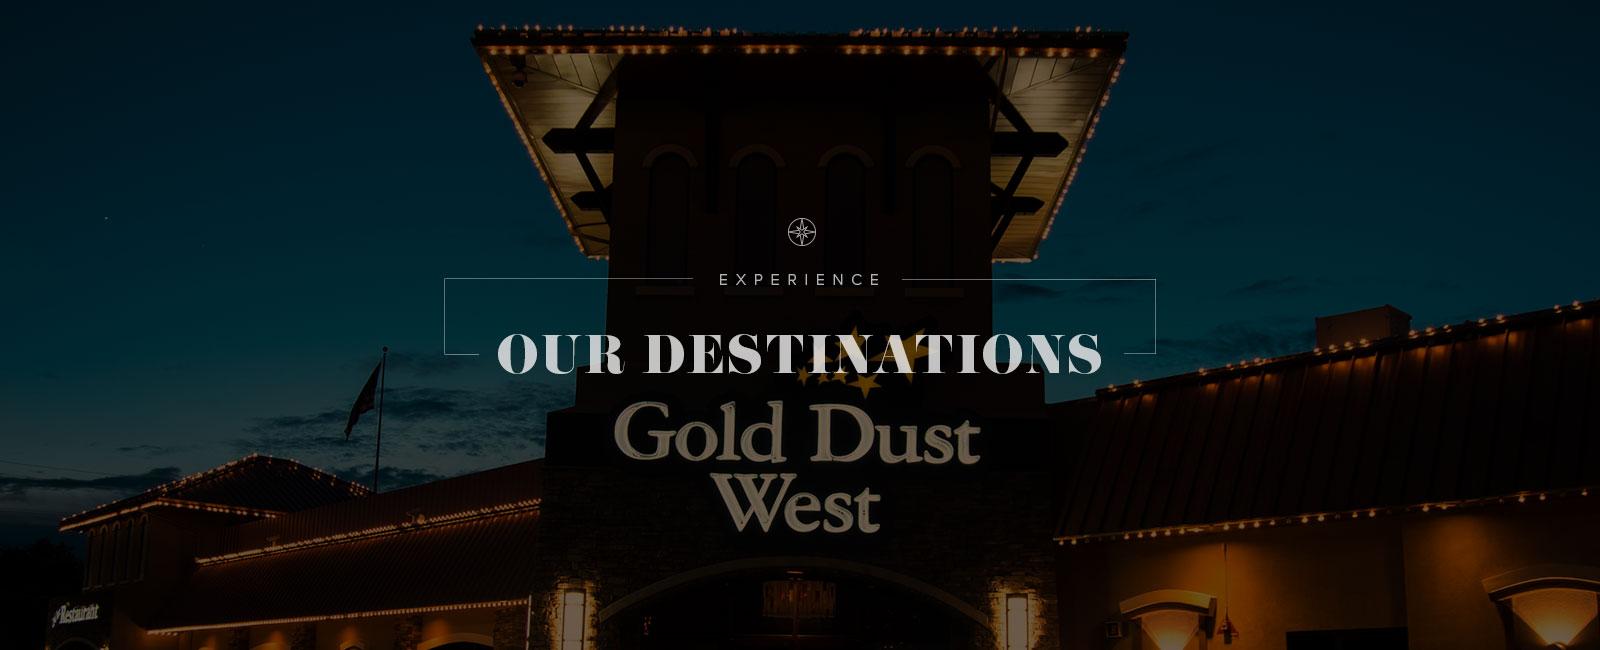 Our Destinations